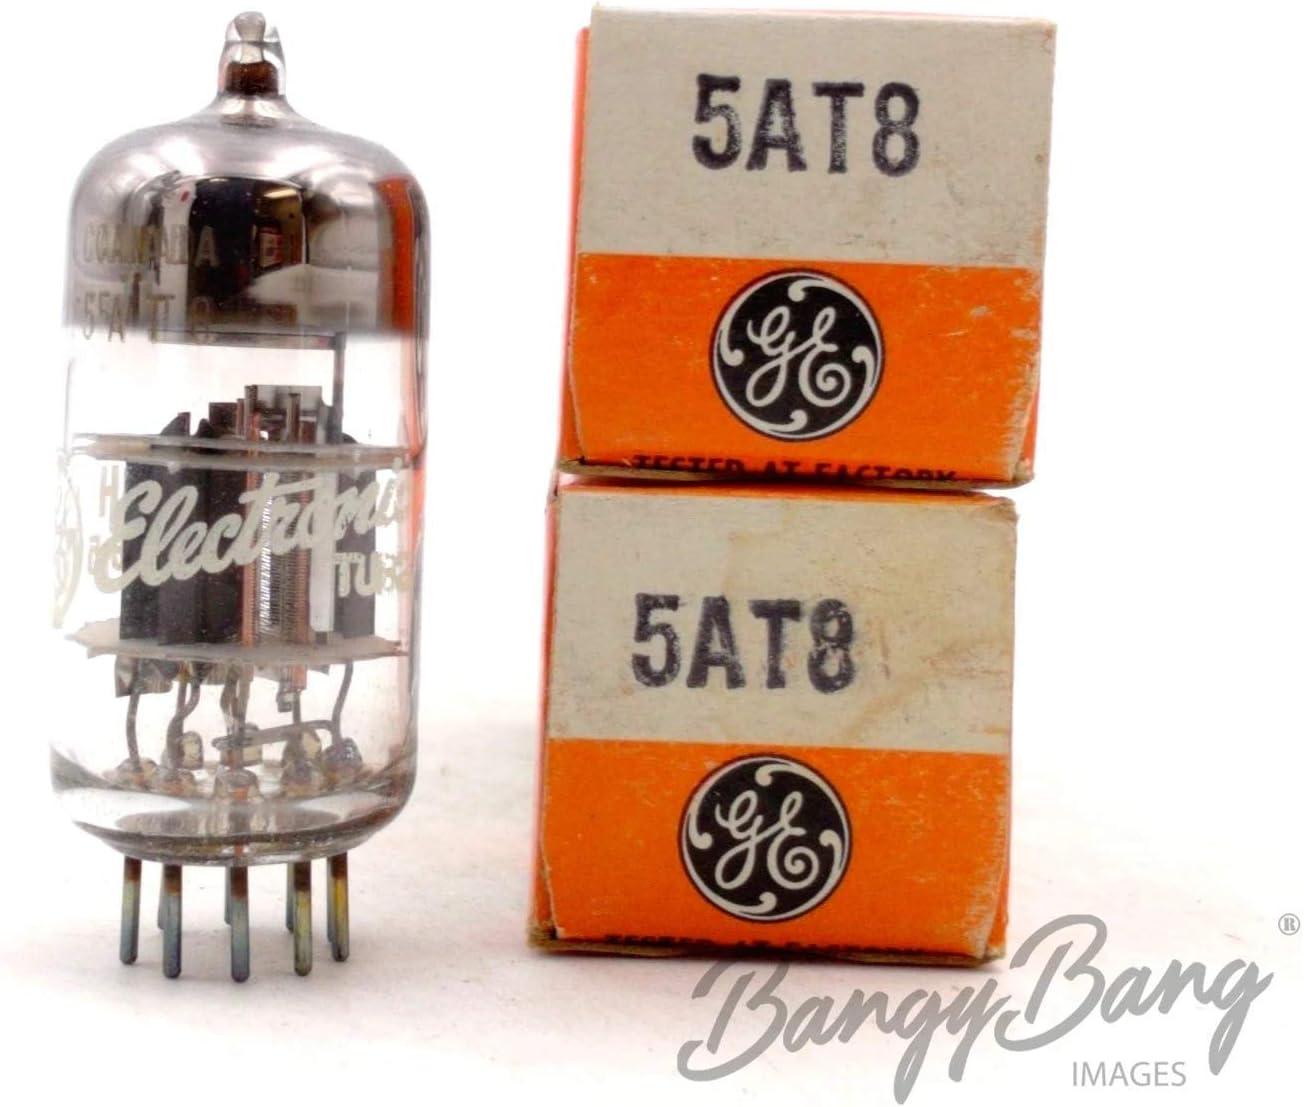 2 Vintage General Electric 5AT8 Triode Pentode VHF Mixer Television Valve- BangyBang Tubes